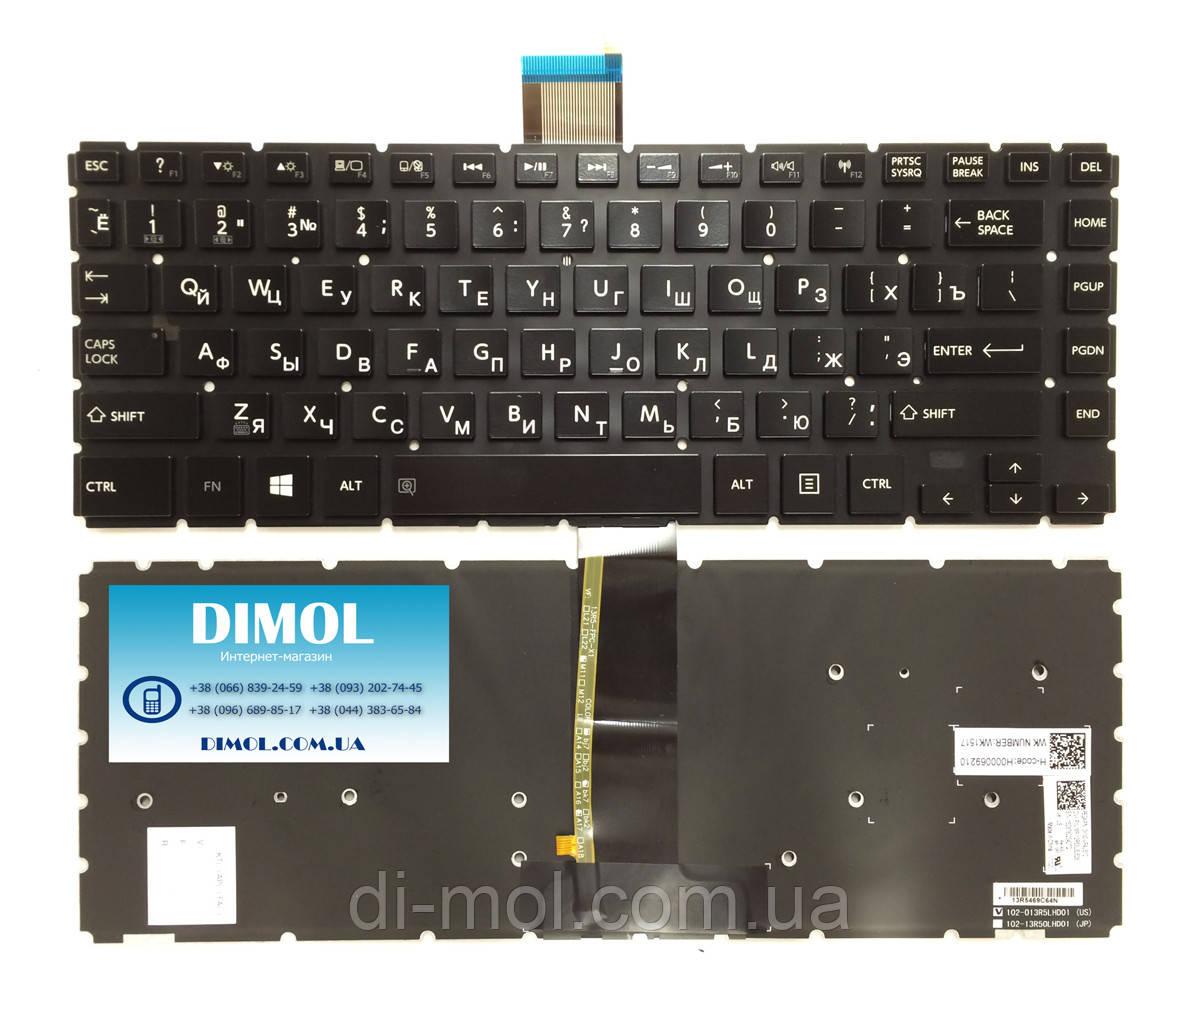 Оригинальная клавиатура для Toshiba Satellite L40-B, L40D-B, L40DT-B, L40T-B, L45-B ru, black, подсветка